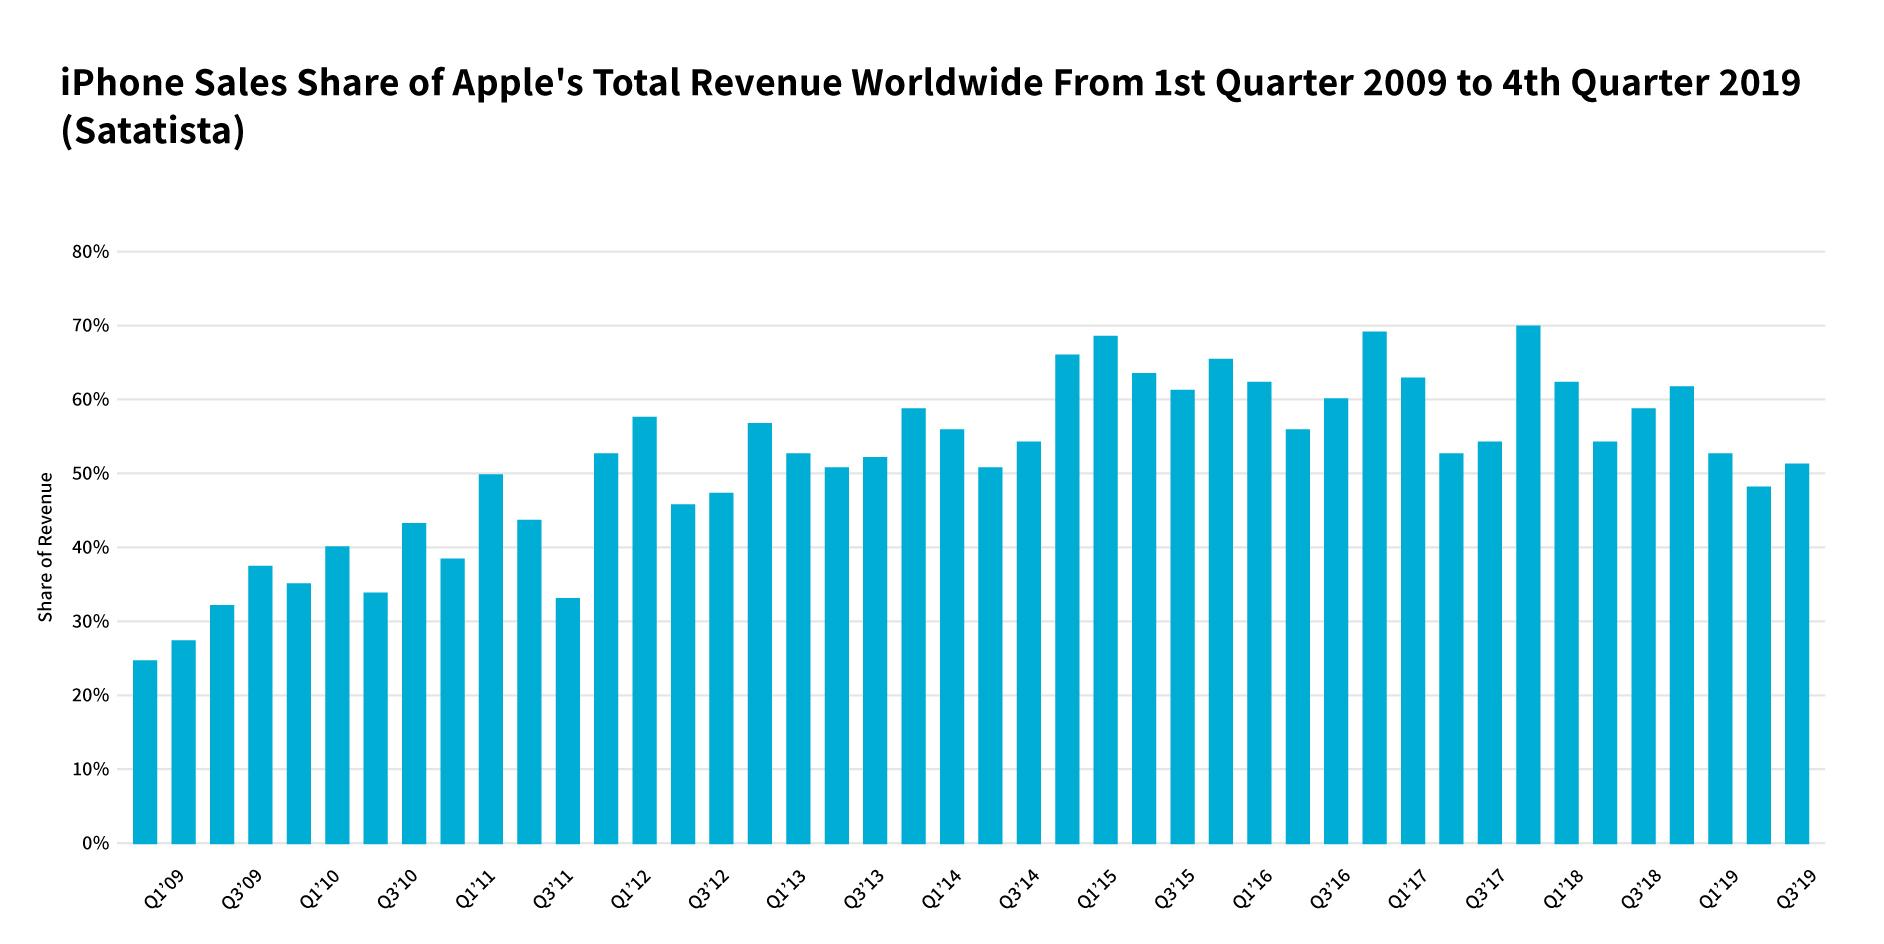 Apple's Worldwide revenue